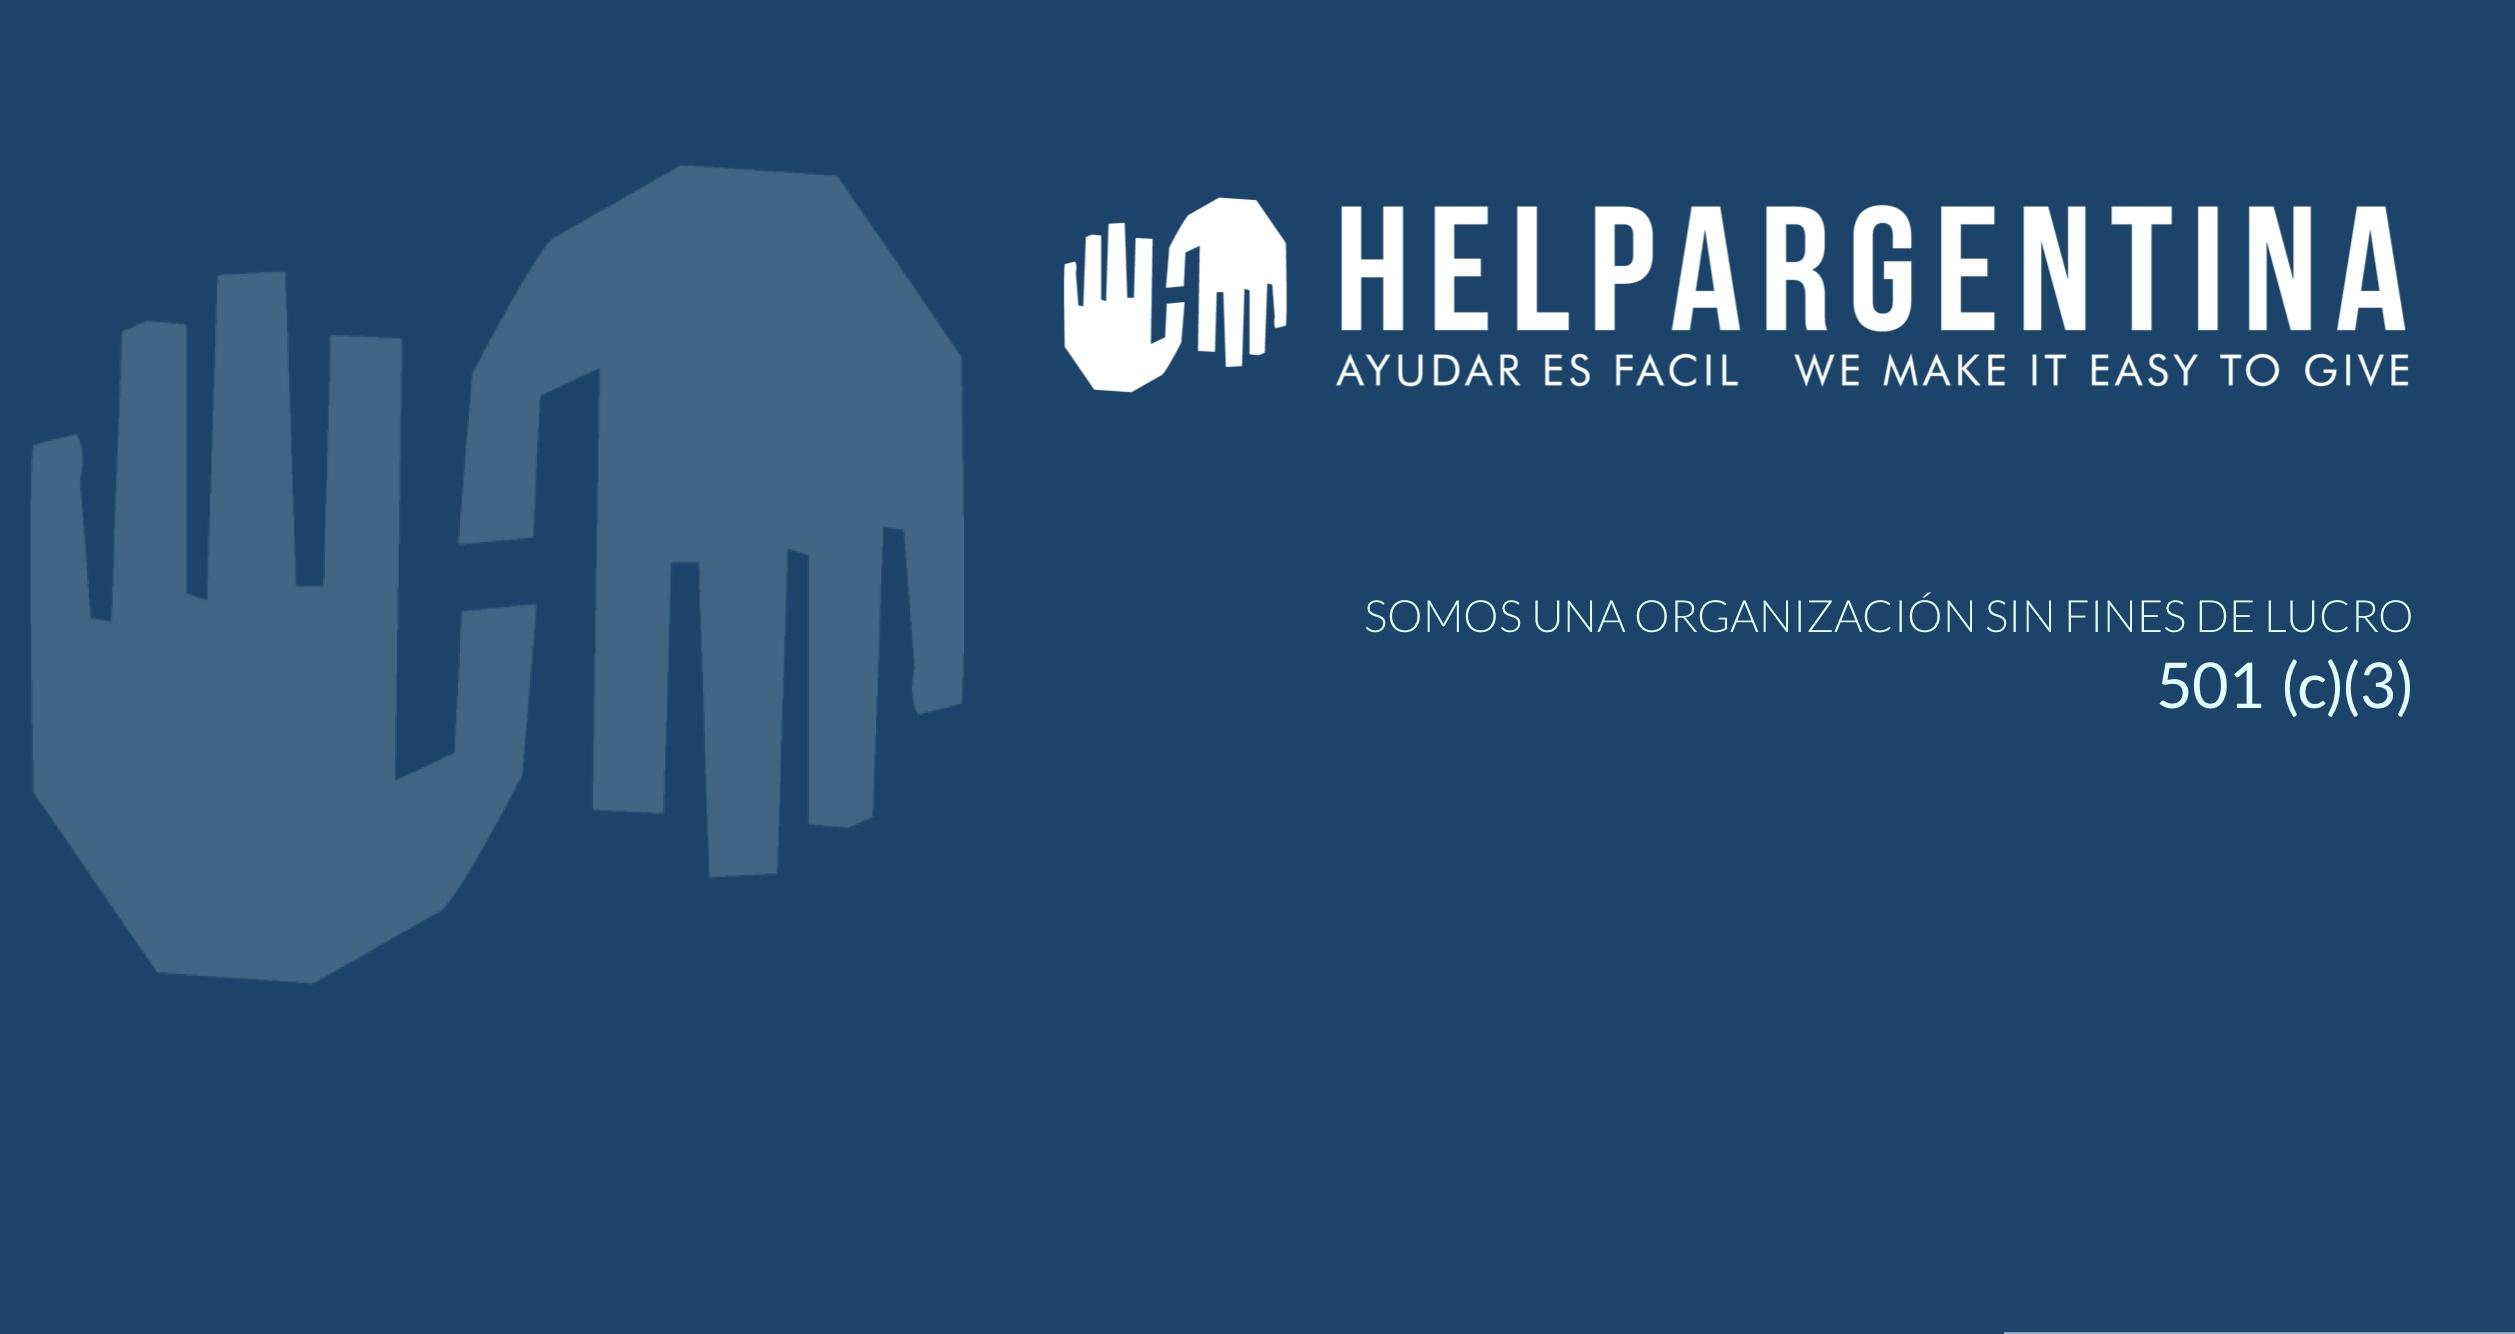 ¿Qué es HelpArgentina?